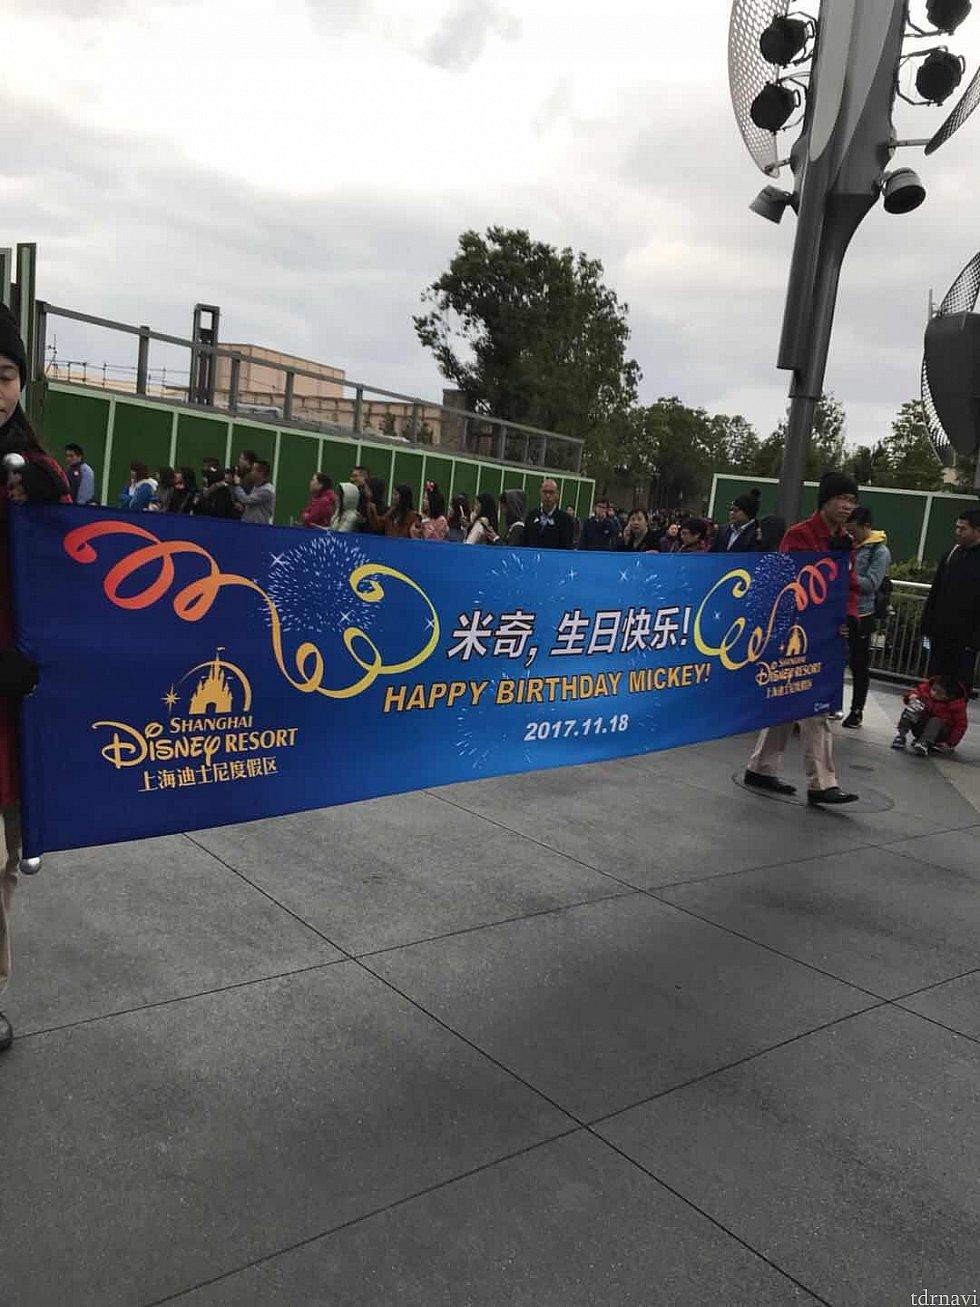 パレードの前の横断幕。パレードは通常通りでした